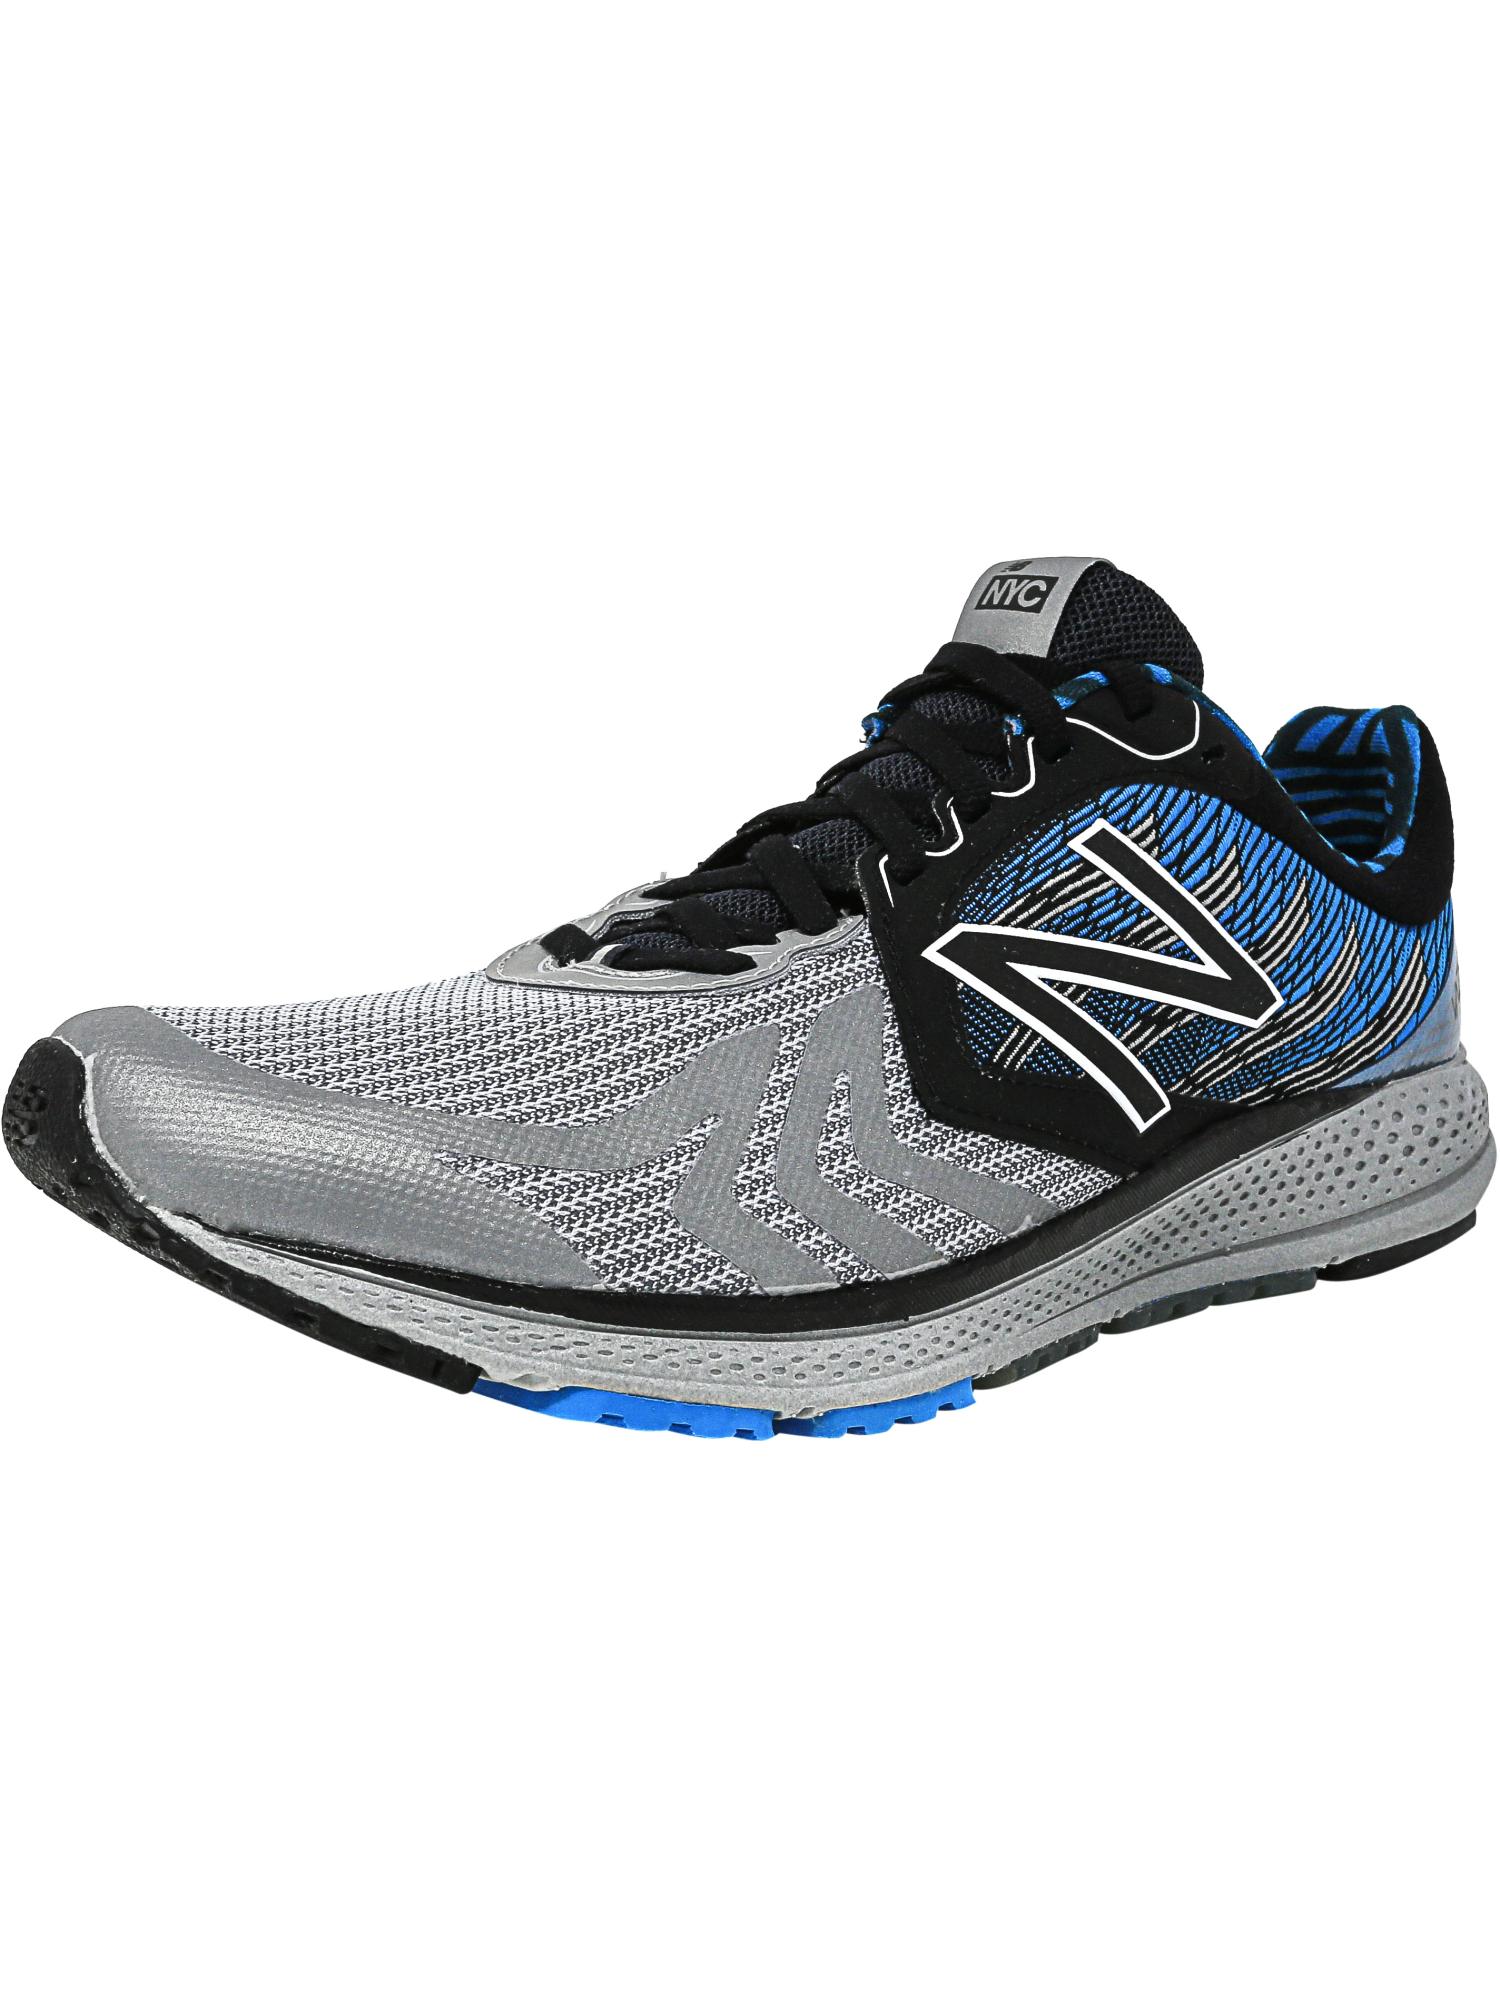 130d2d25c5e7 ... New Balance Balance Balance Men s Mpace Ankle-High Running Shoe f024a2  ...